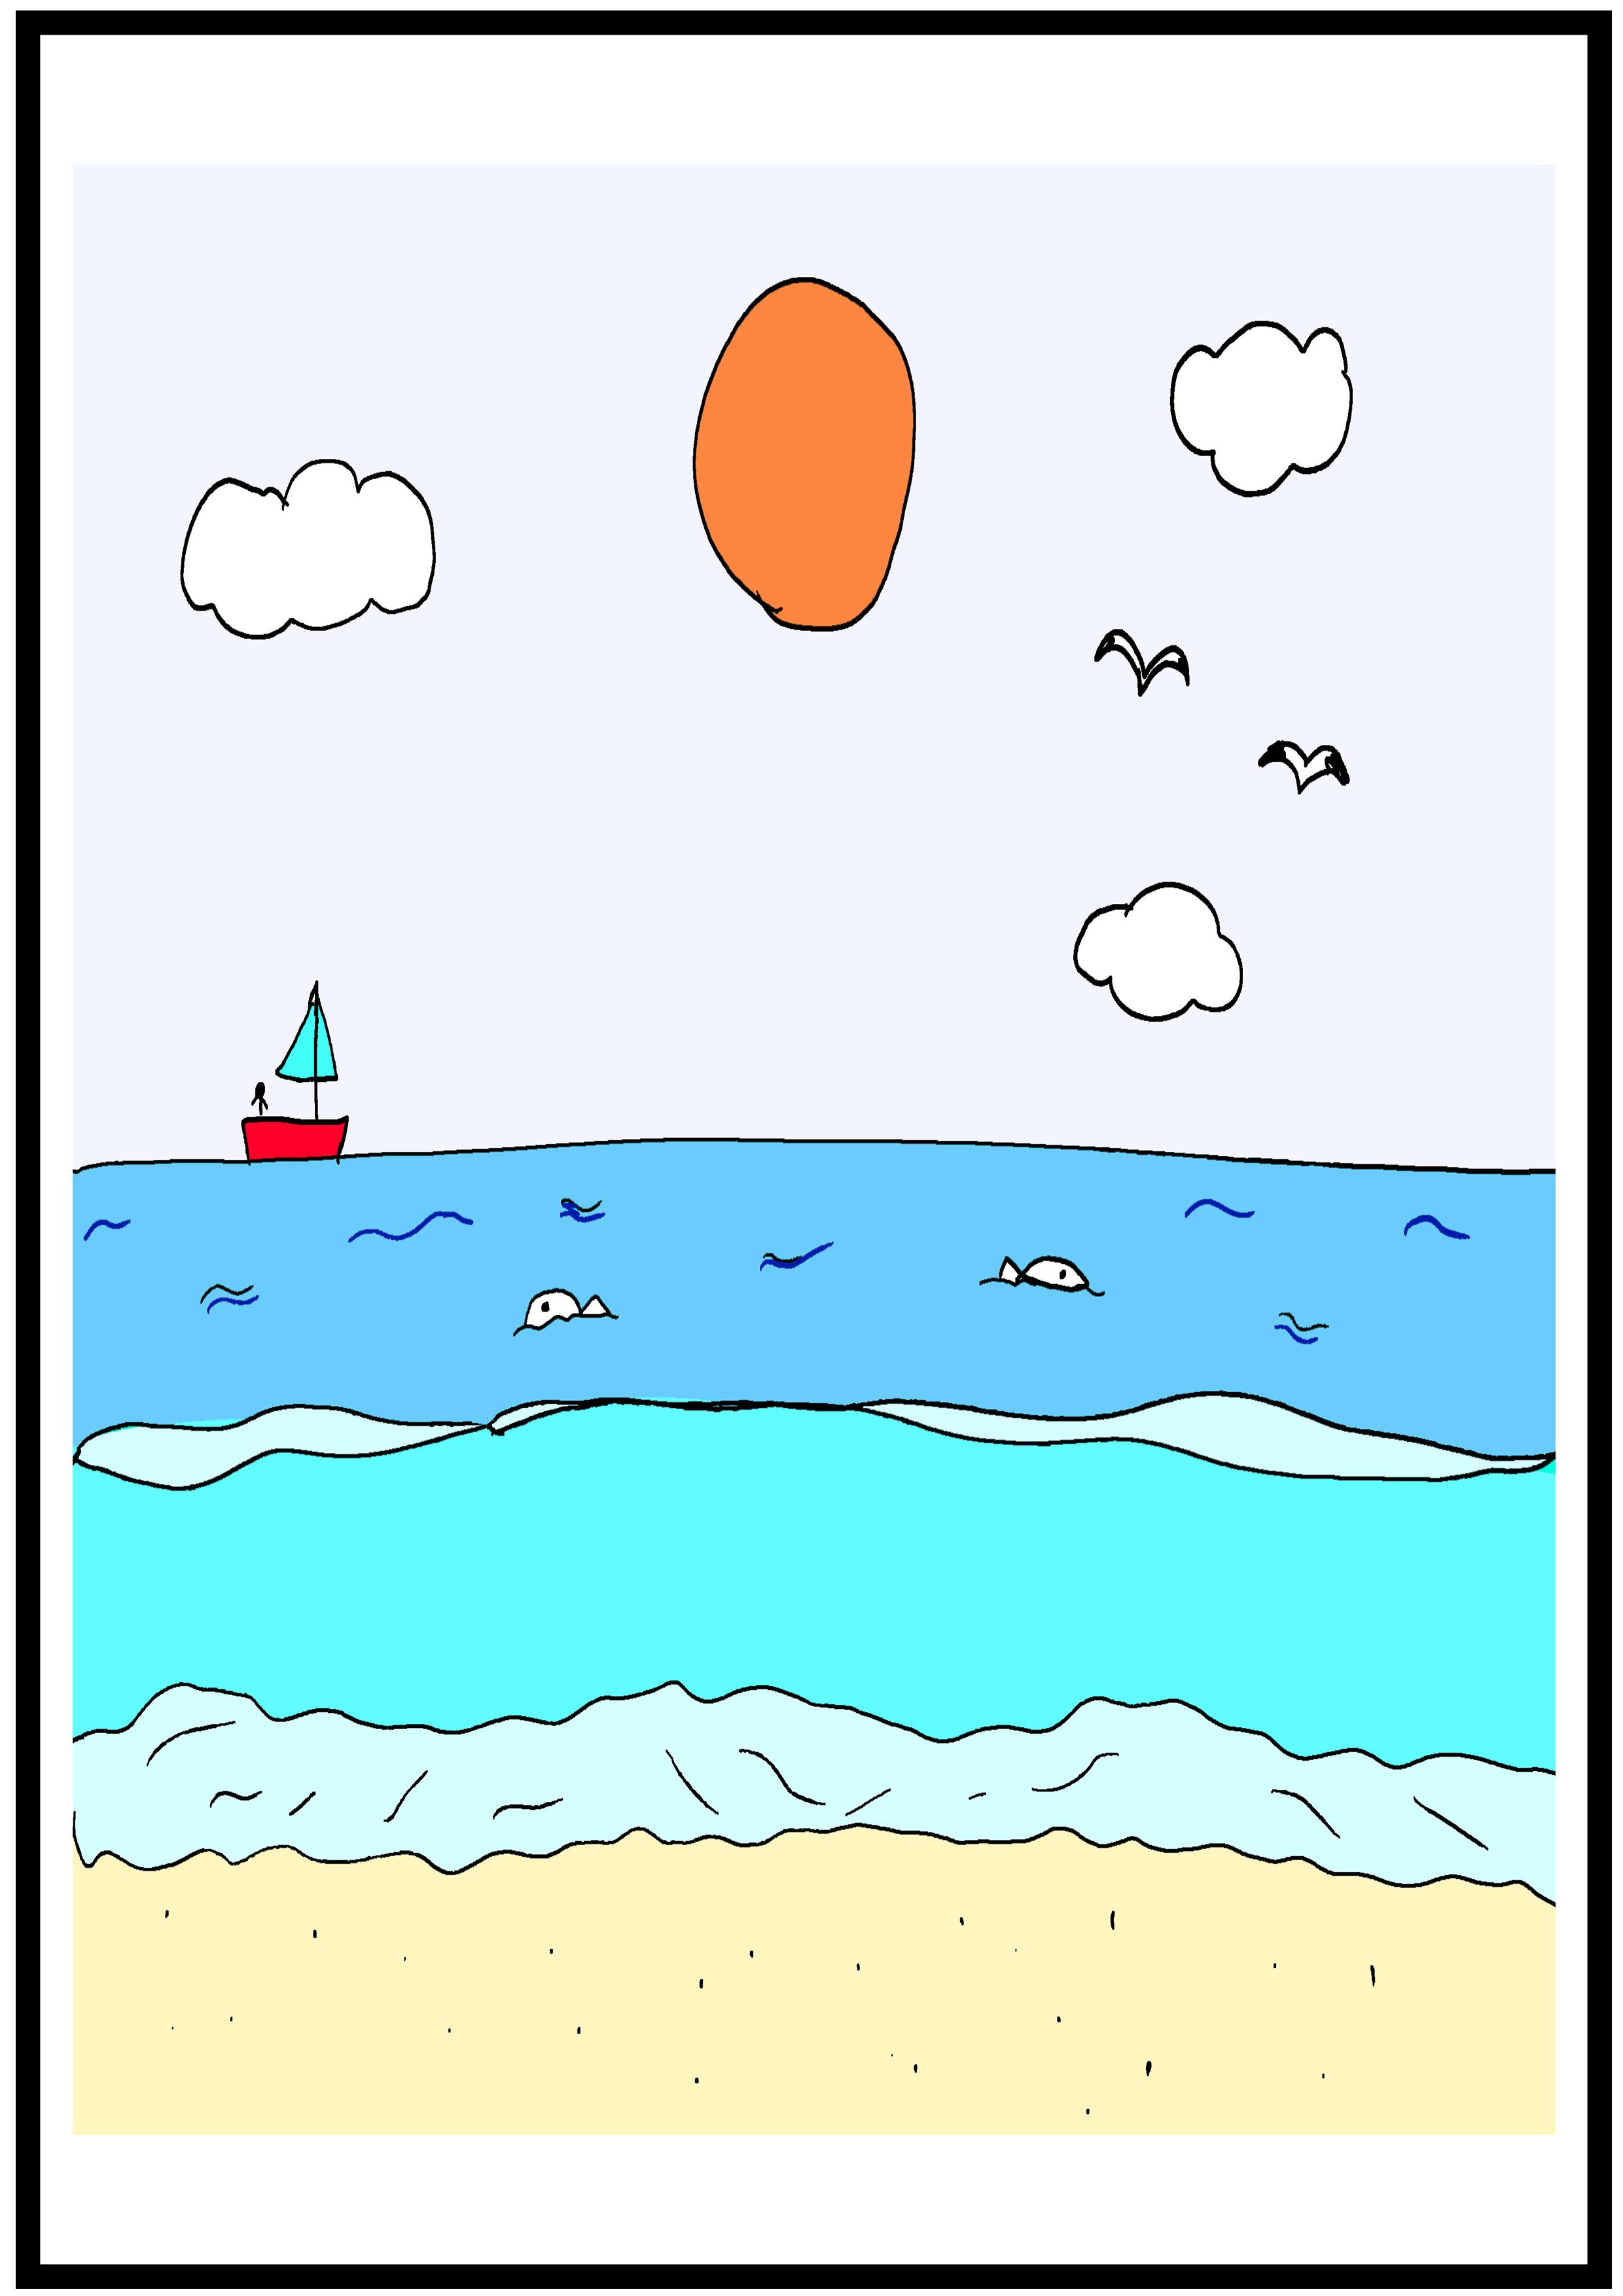 イラスト【海】